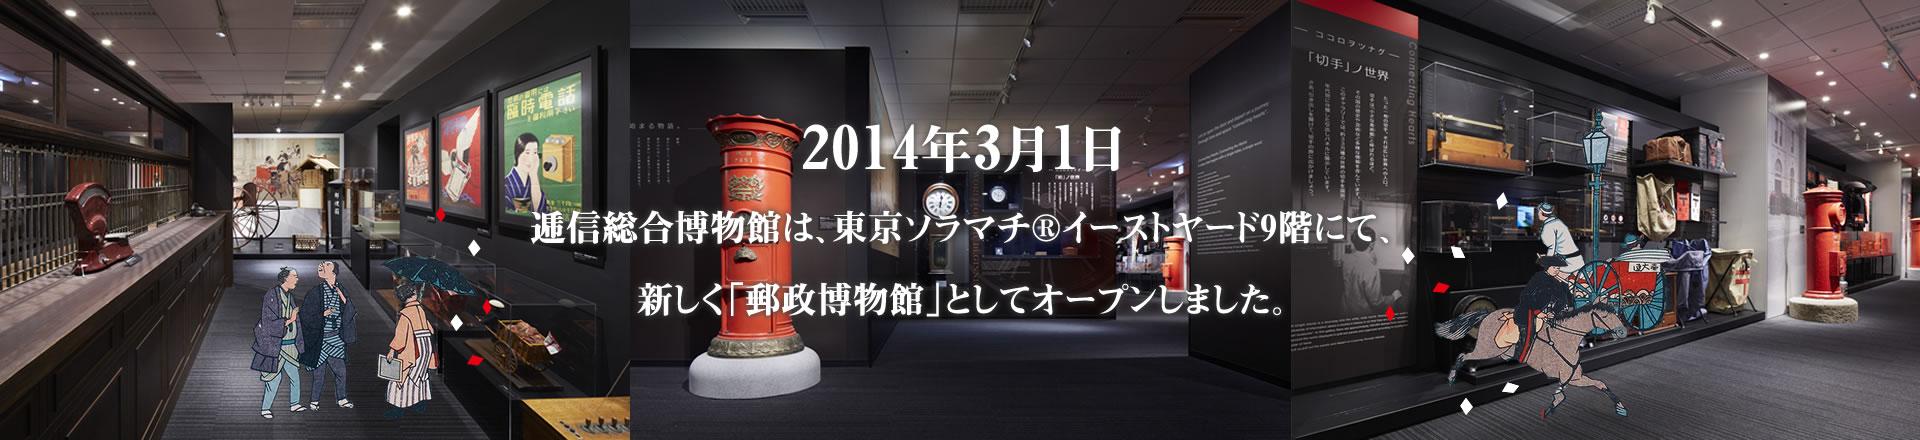 逓信総合博物館は、東京ソラマチ®イーストヤード9階にて、 新しく「郵政博物館」としてオープンしました。